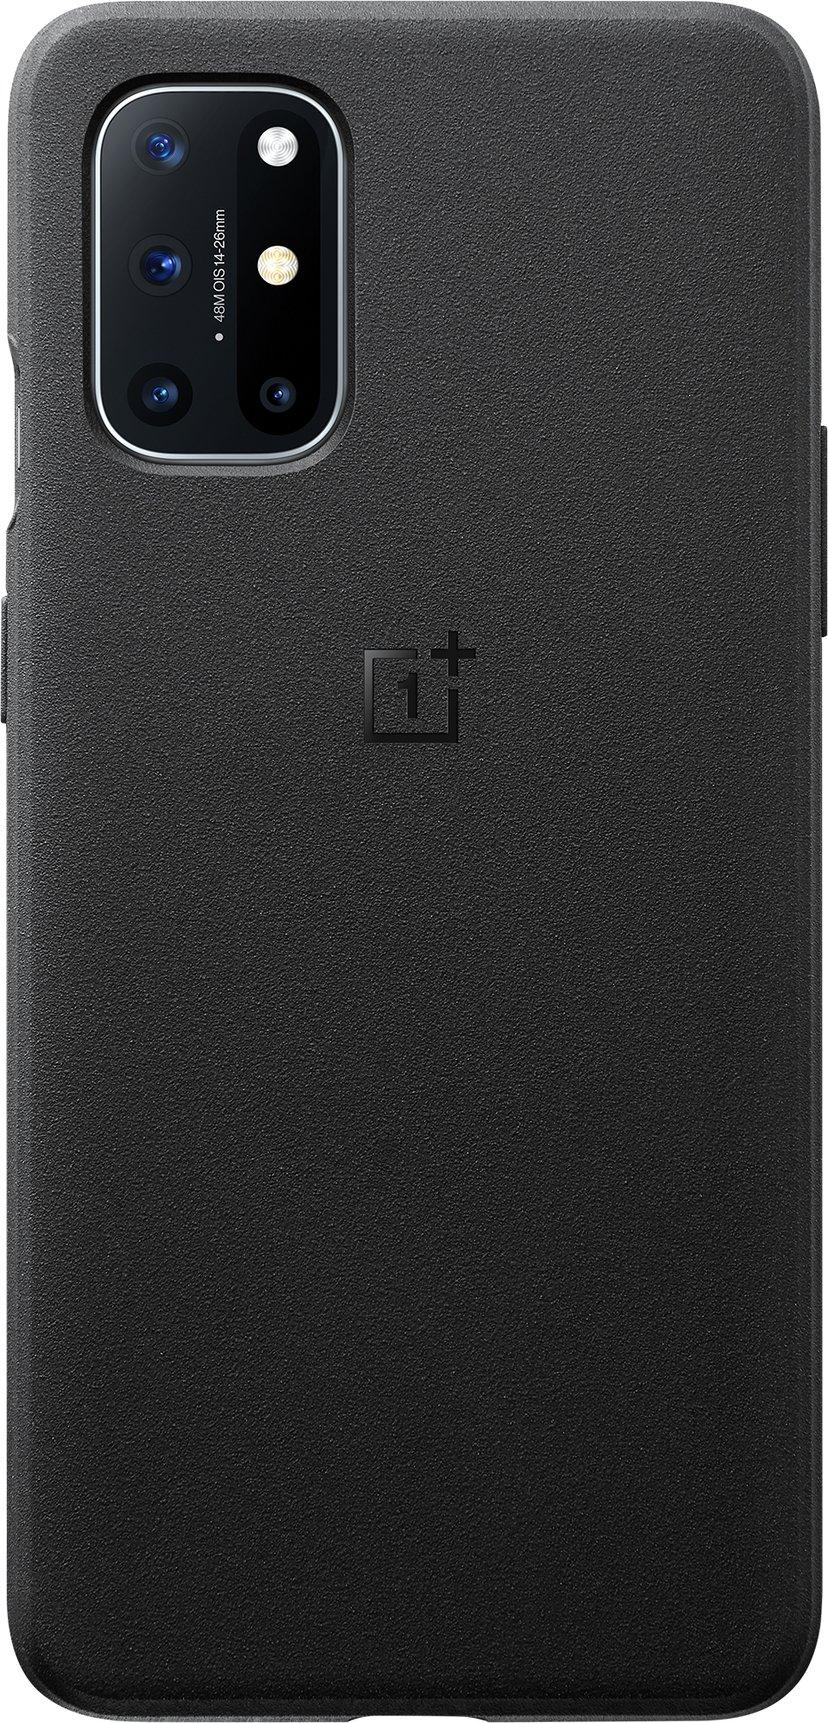 OnePlus Bumper Case OnePlus 8T Sort